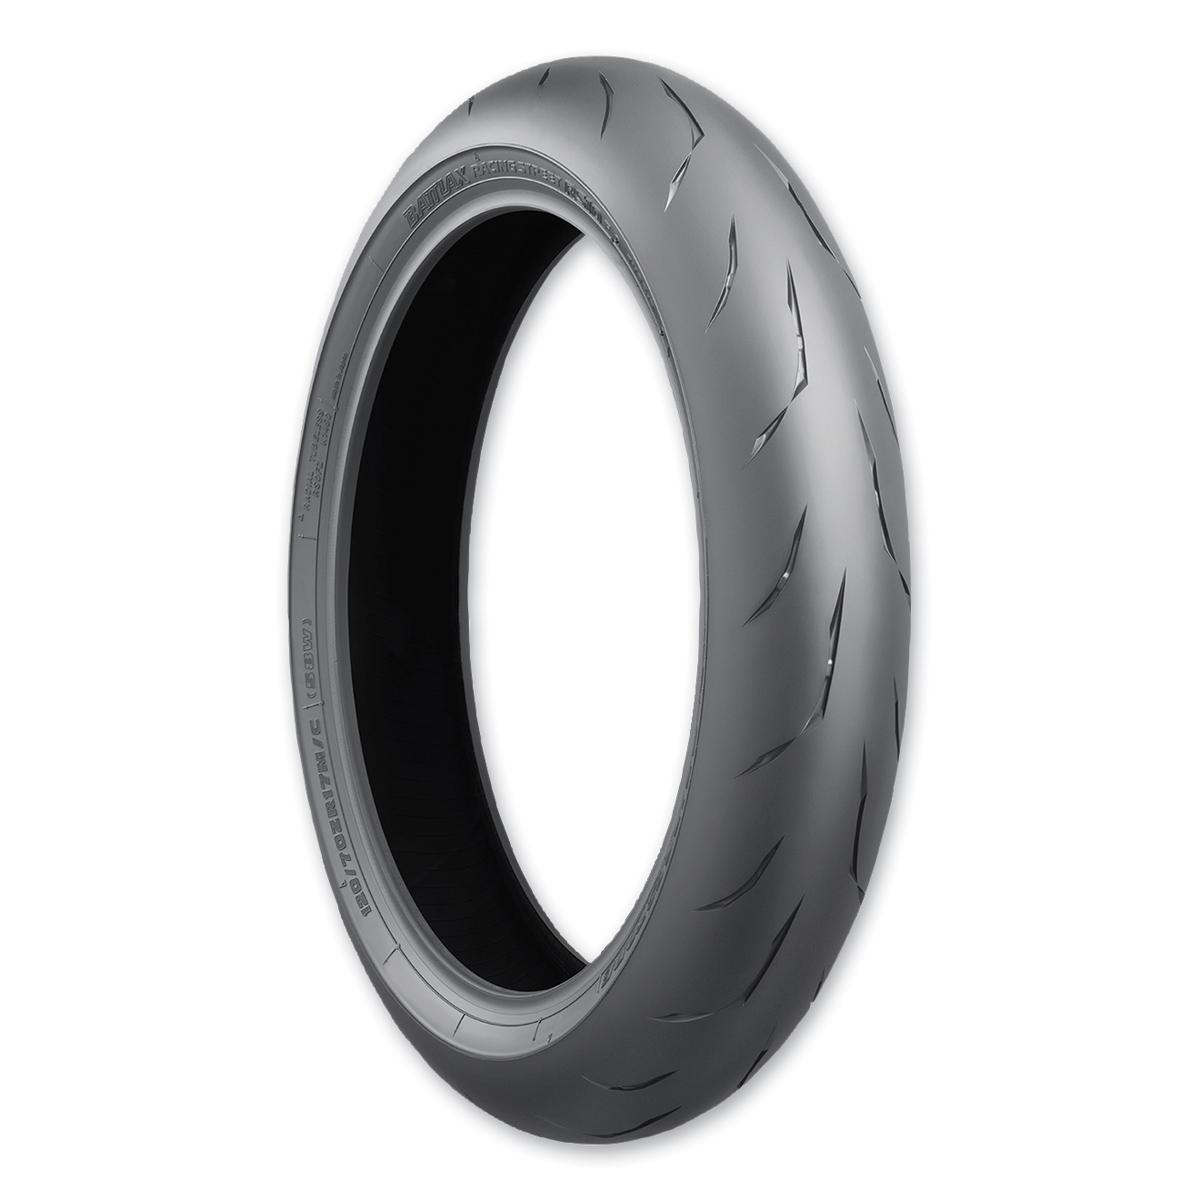 Bridgestone Battlax RS10-G 120/70ZR17 Front Tire